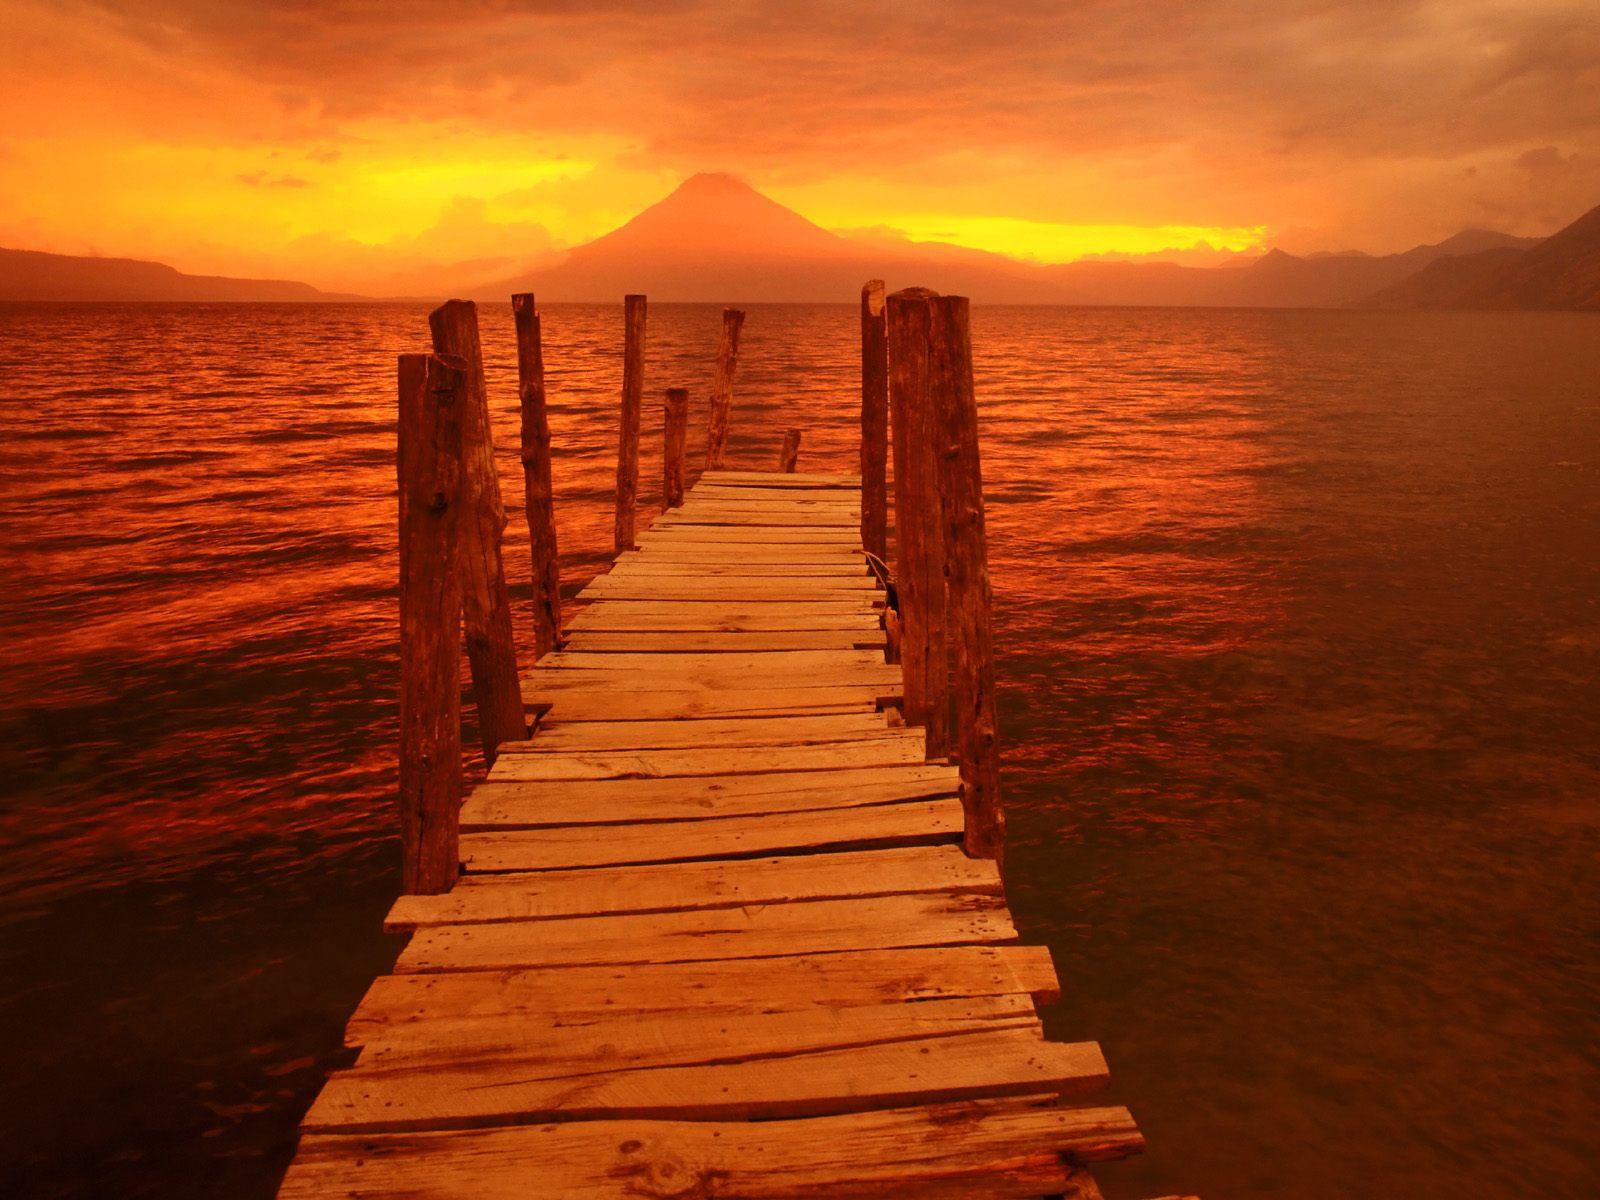 بالصور غروب الشمس بالصور روعه 20160625 471